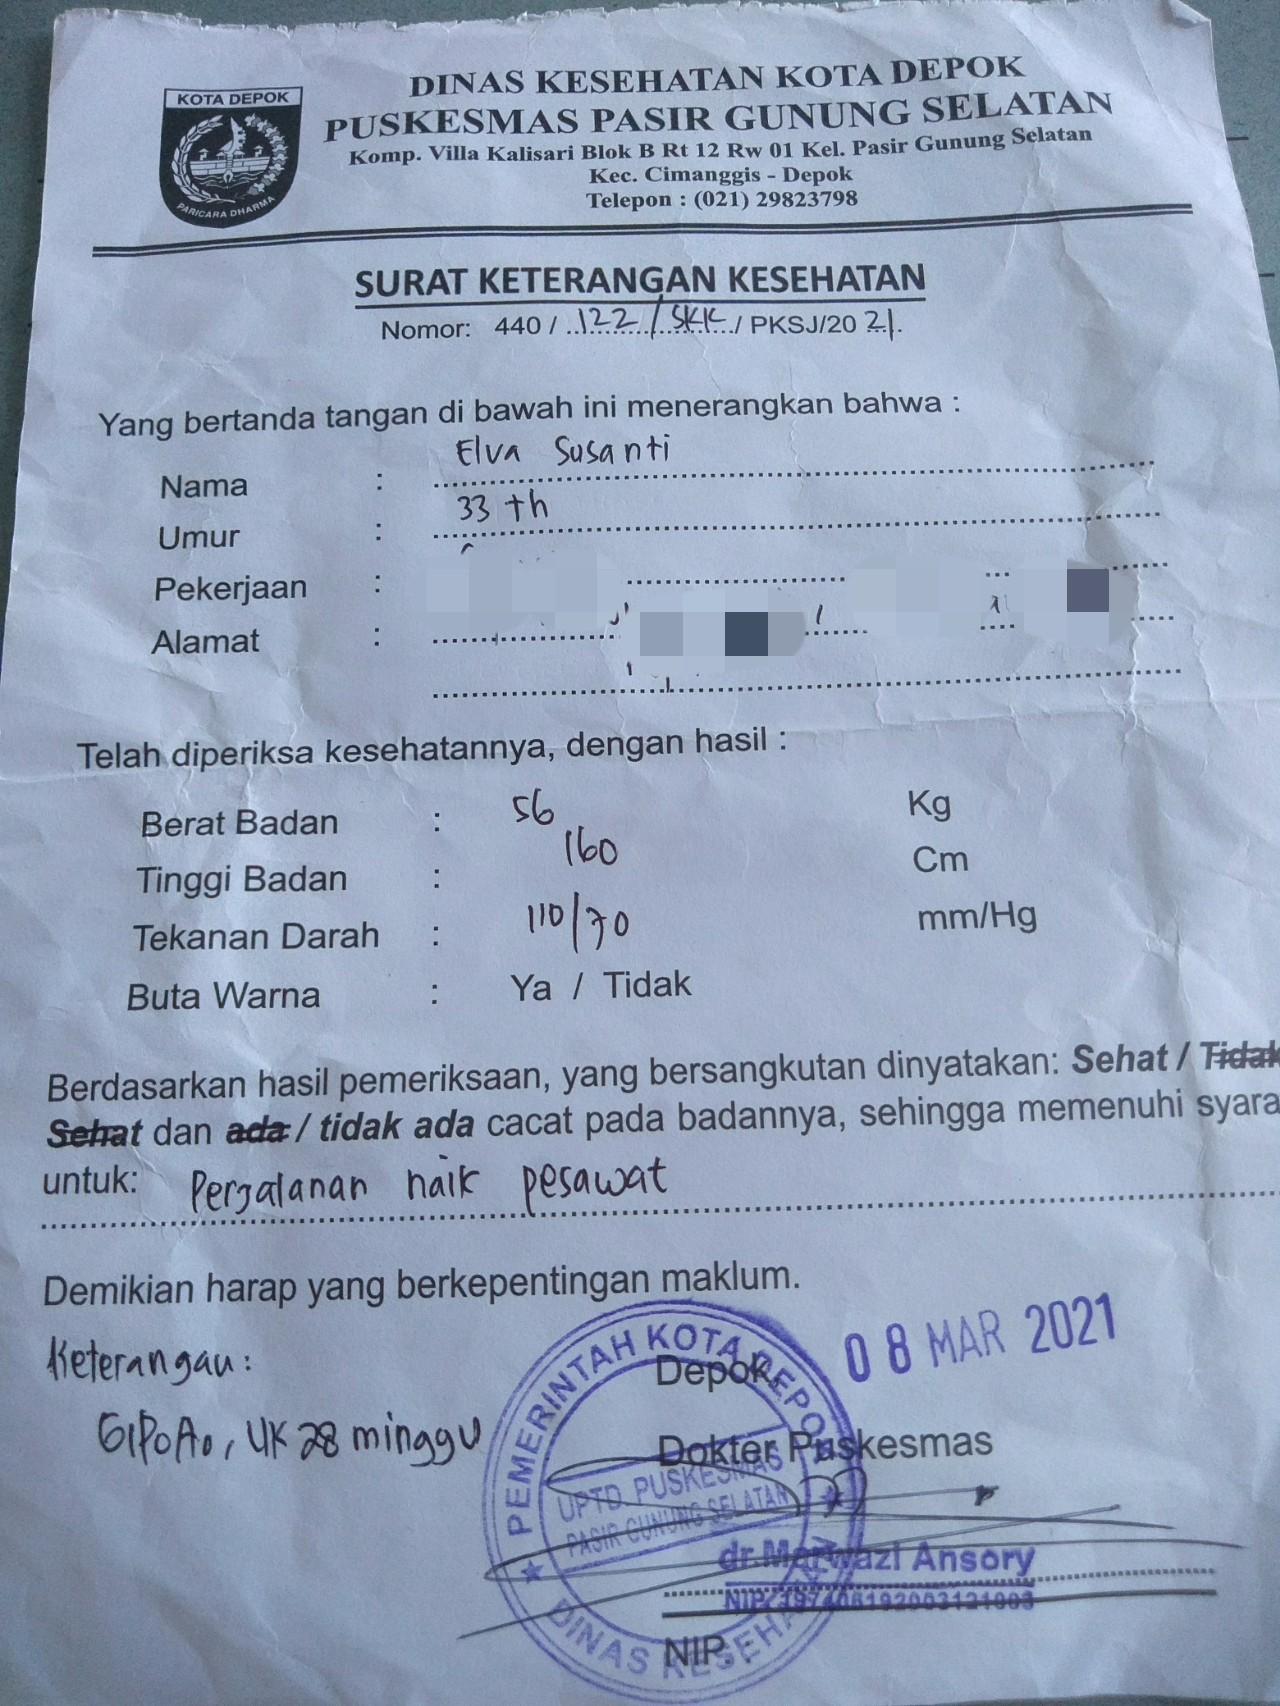 Surat keterangan hamil syarat naik pesawat